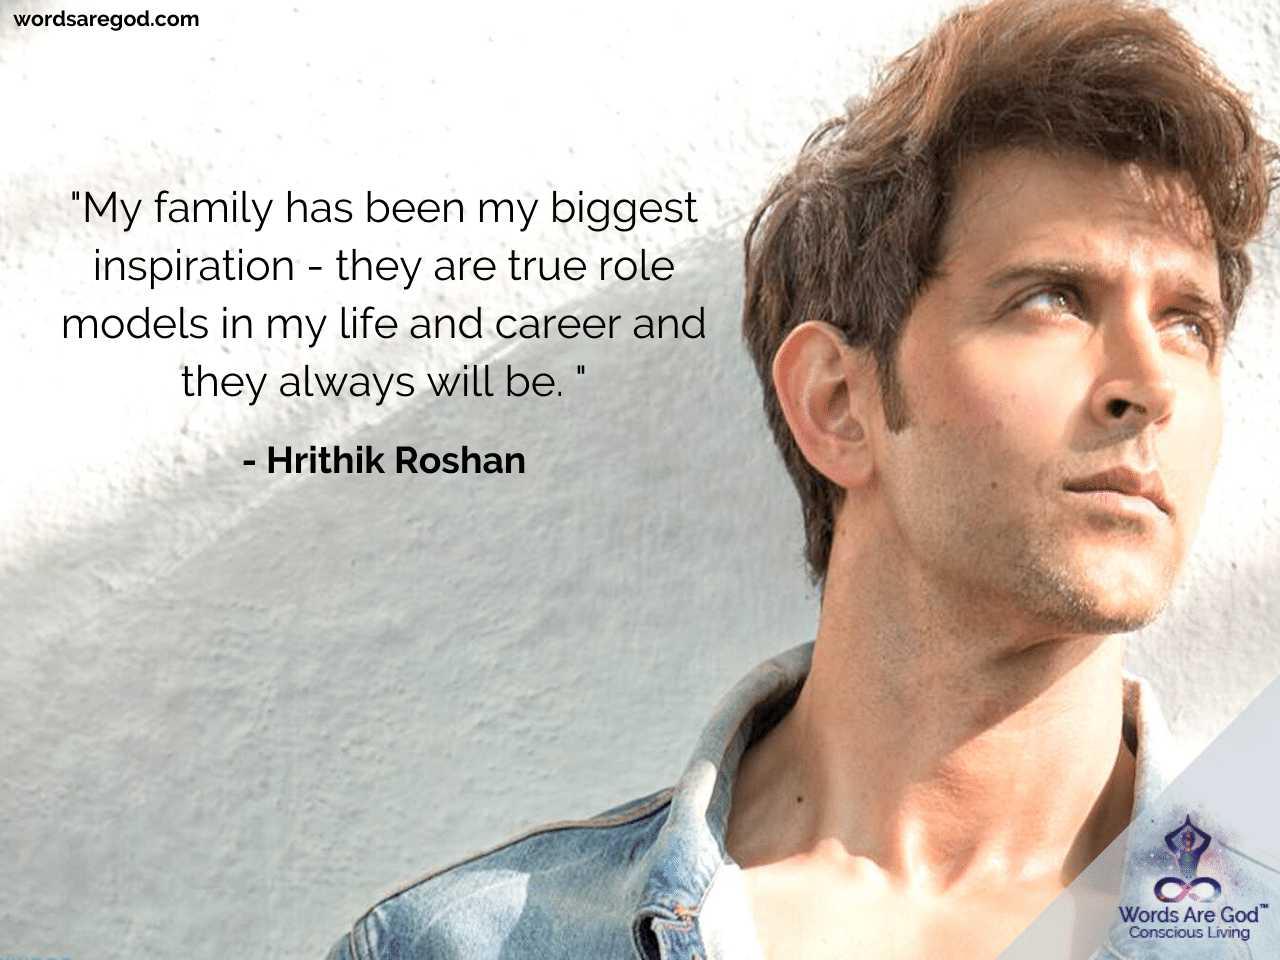 Hrithik Roshan Life Quotes by Hrithik Roshan